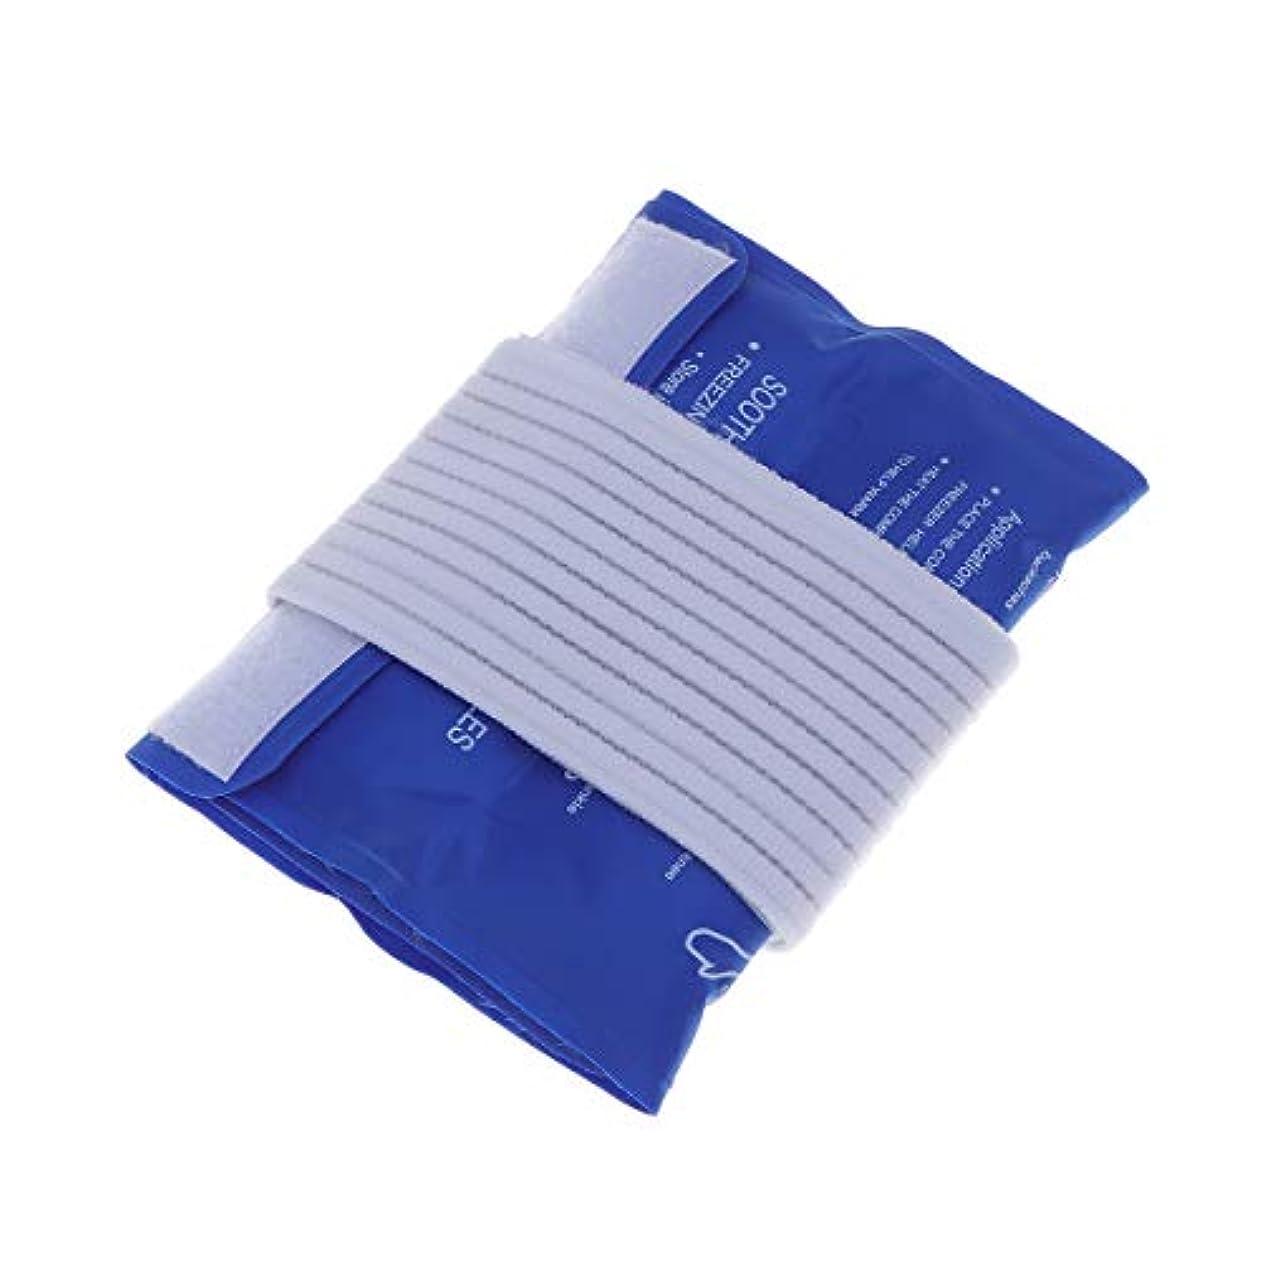 取り除くトランスペアレント影響するSUPVOX ゲルアイスパックラップ医療冷却コンプレッションバッグ付き調節可能な弾性ストラップ付き捻挫筋肉痛傷害ホットコールドセラピー(ブルー)